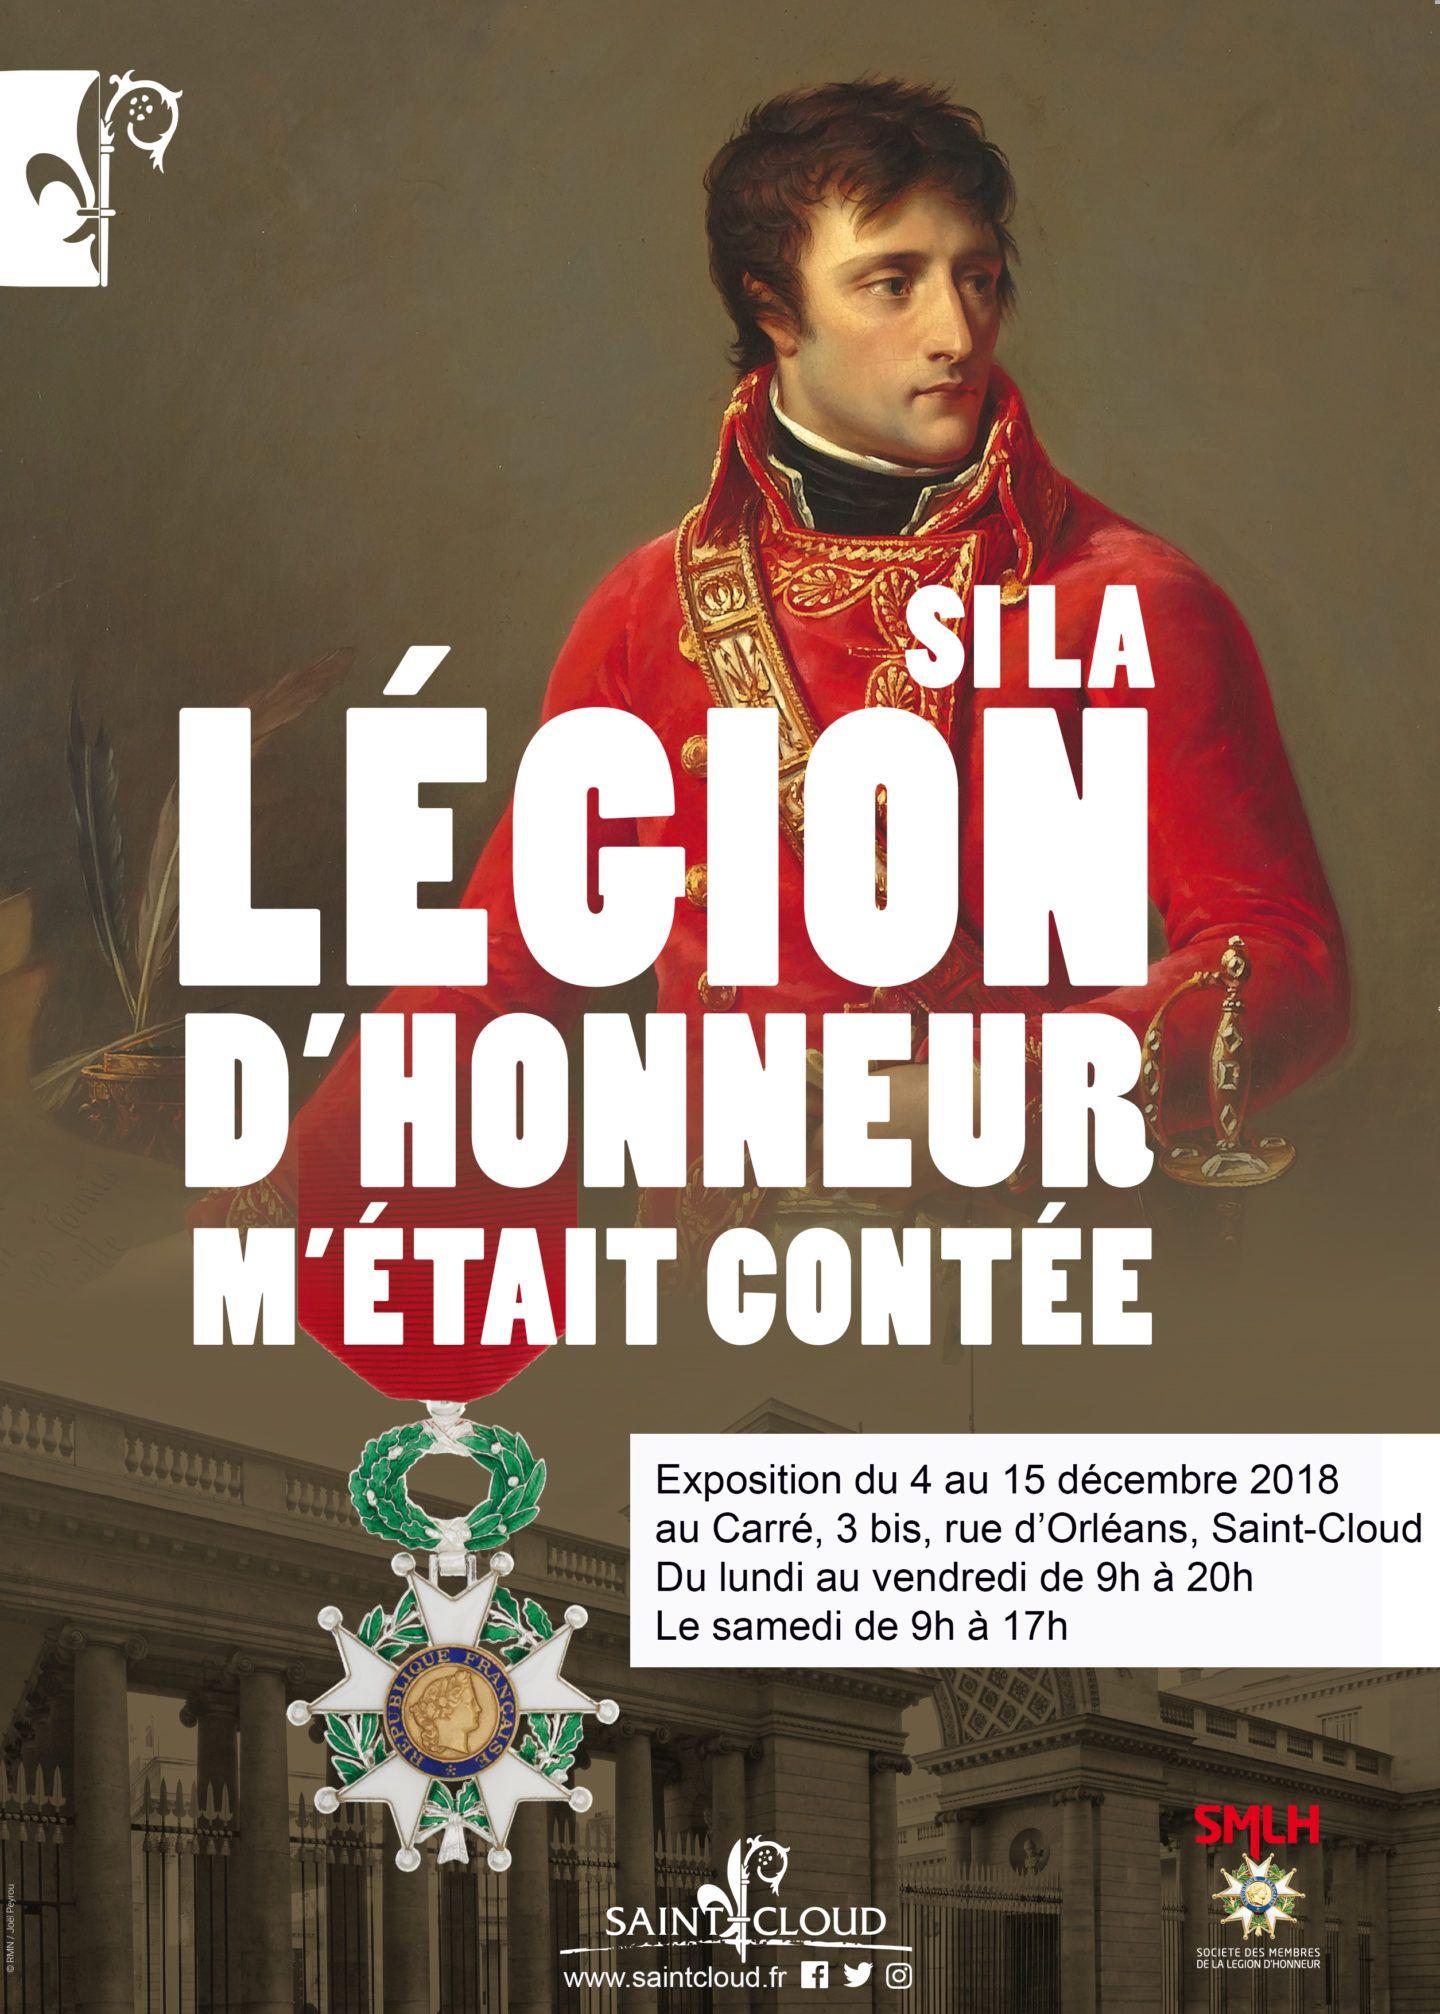 visuel_legion honneur_Saint Cloud